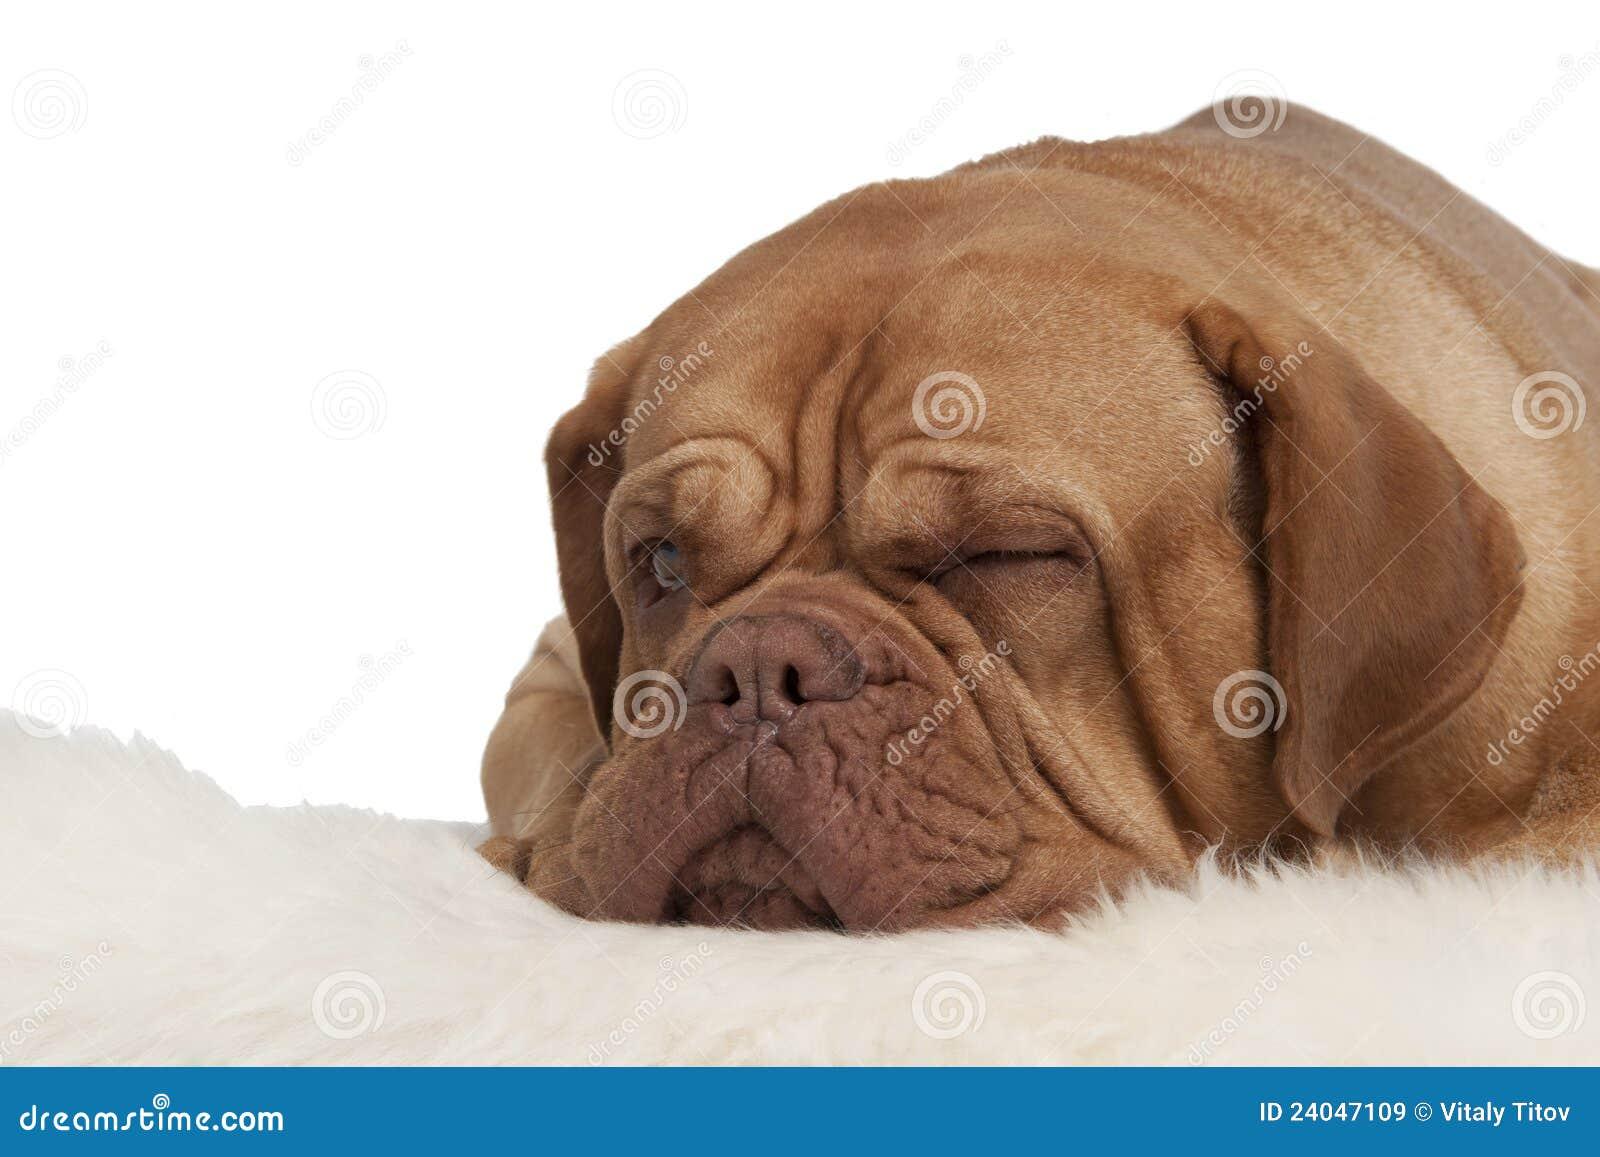 sbattere le palpebre cane che si trova sulla moquette